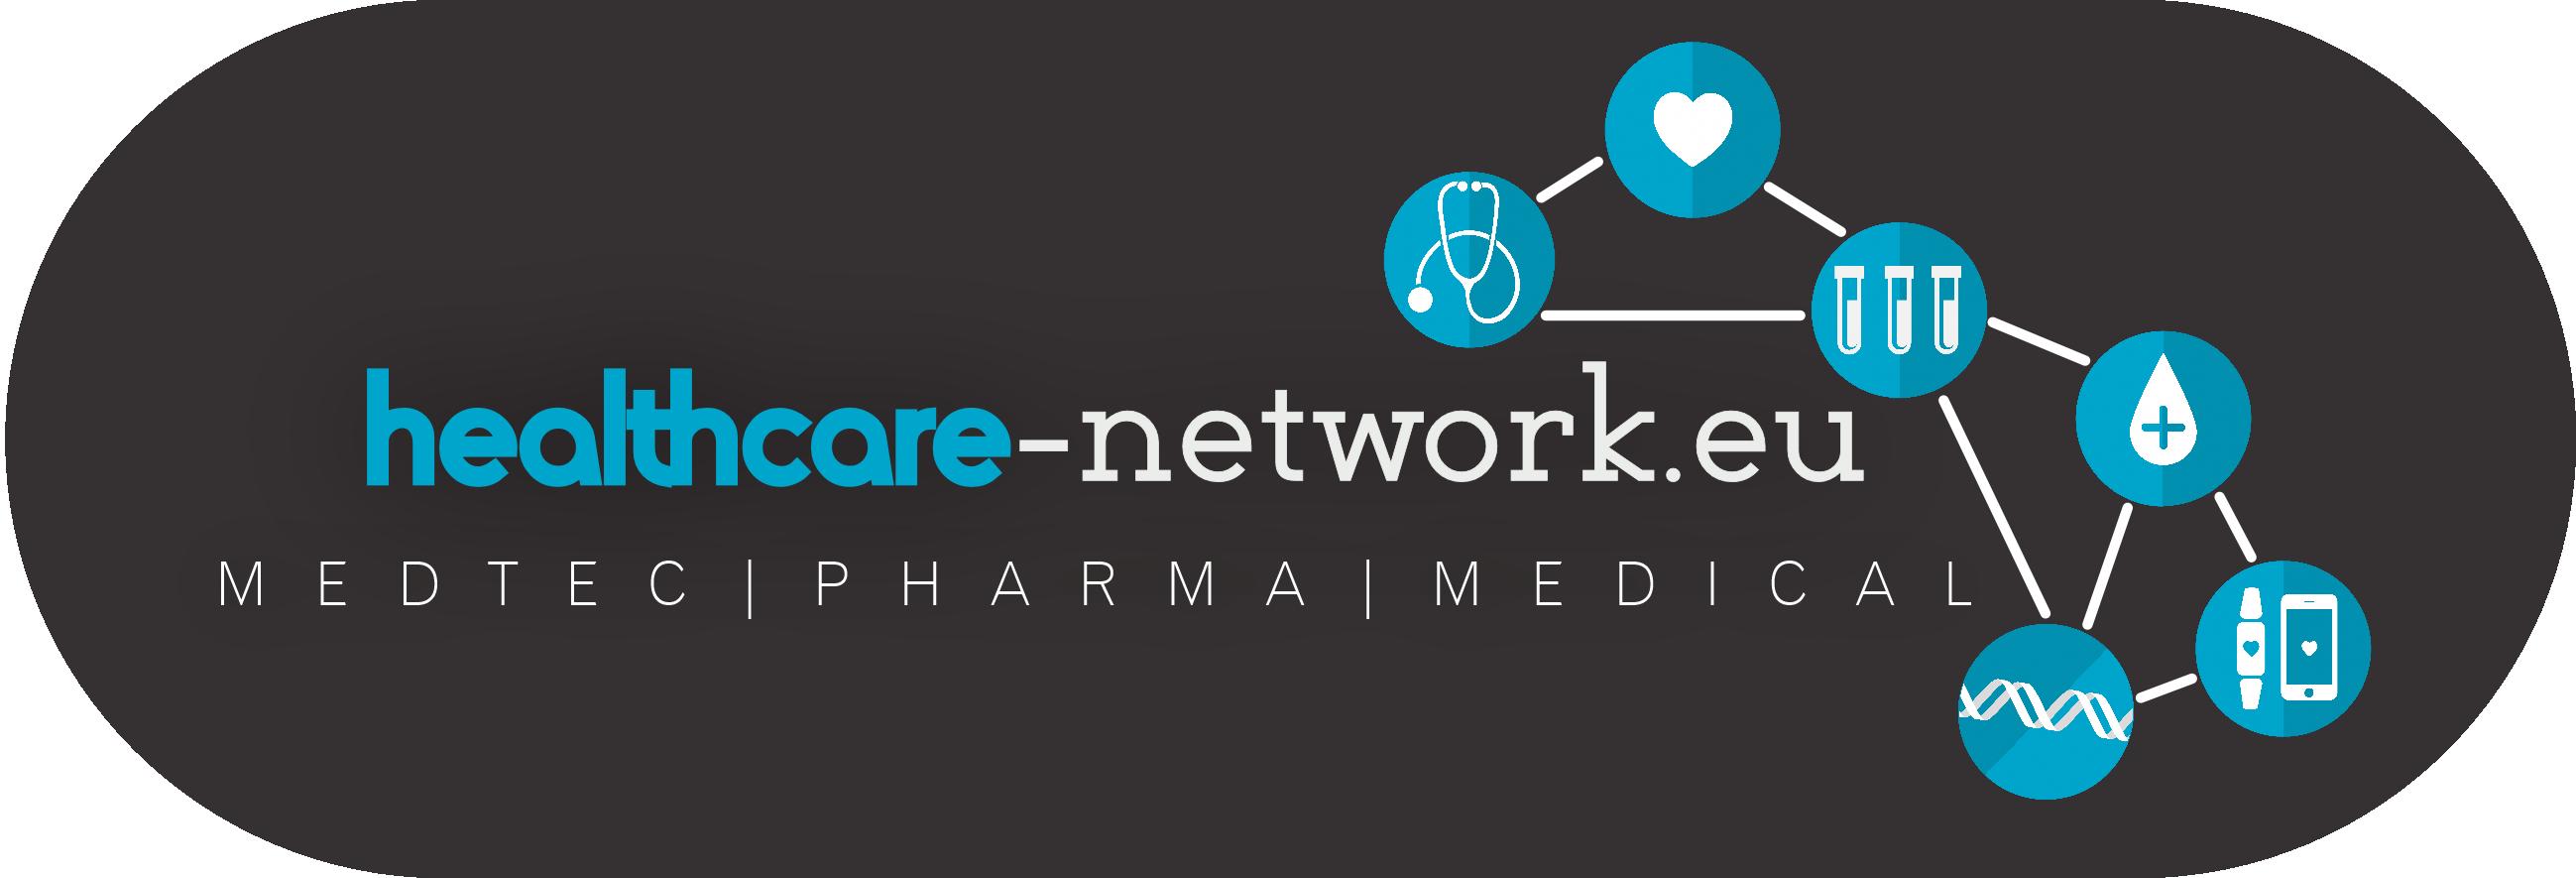 healthcare-network.eu